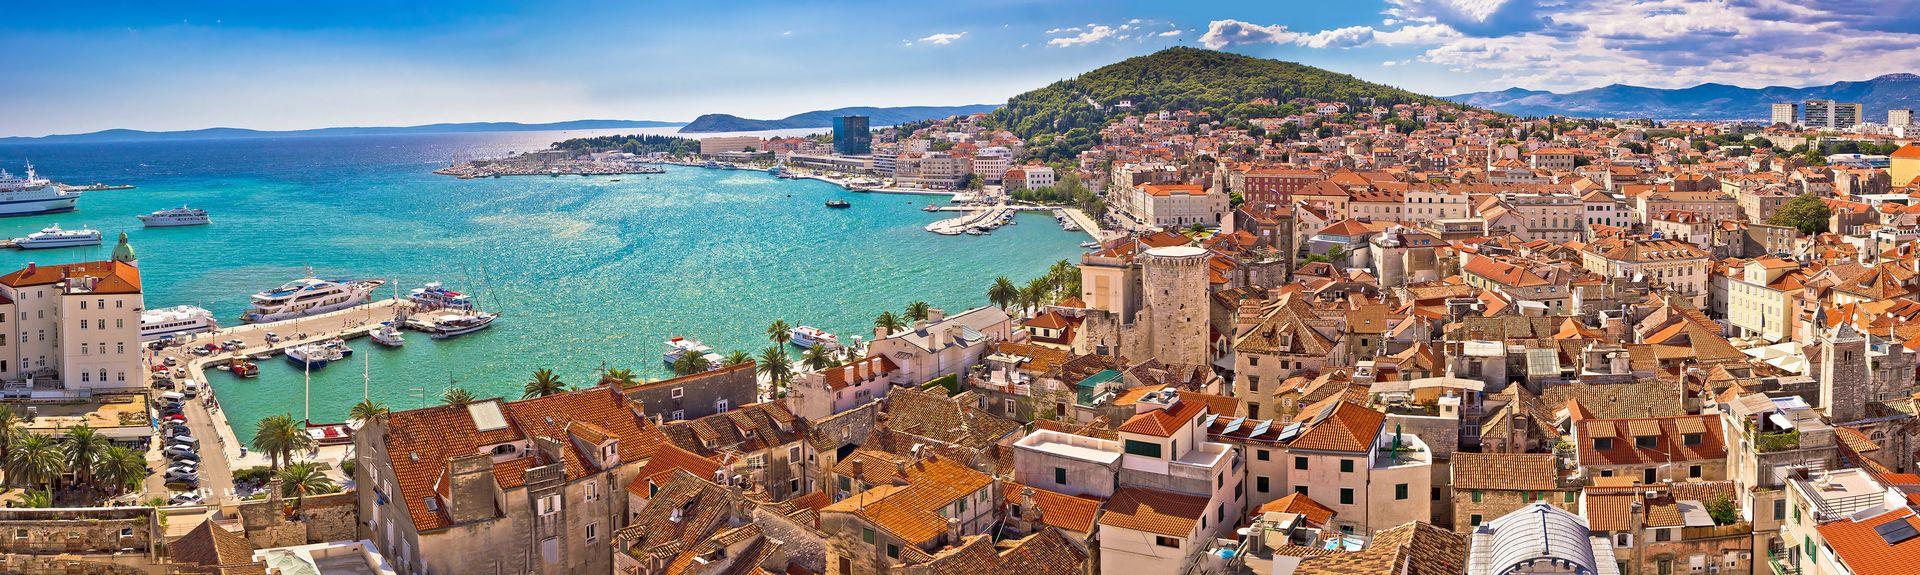 Općina Split, Żupania splicko-dalmatyńska, Chorwacja